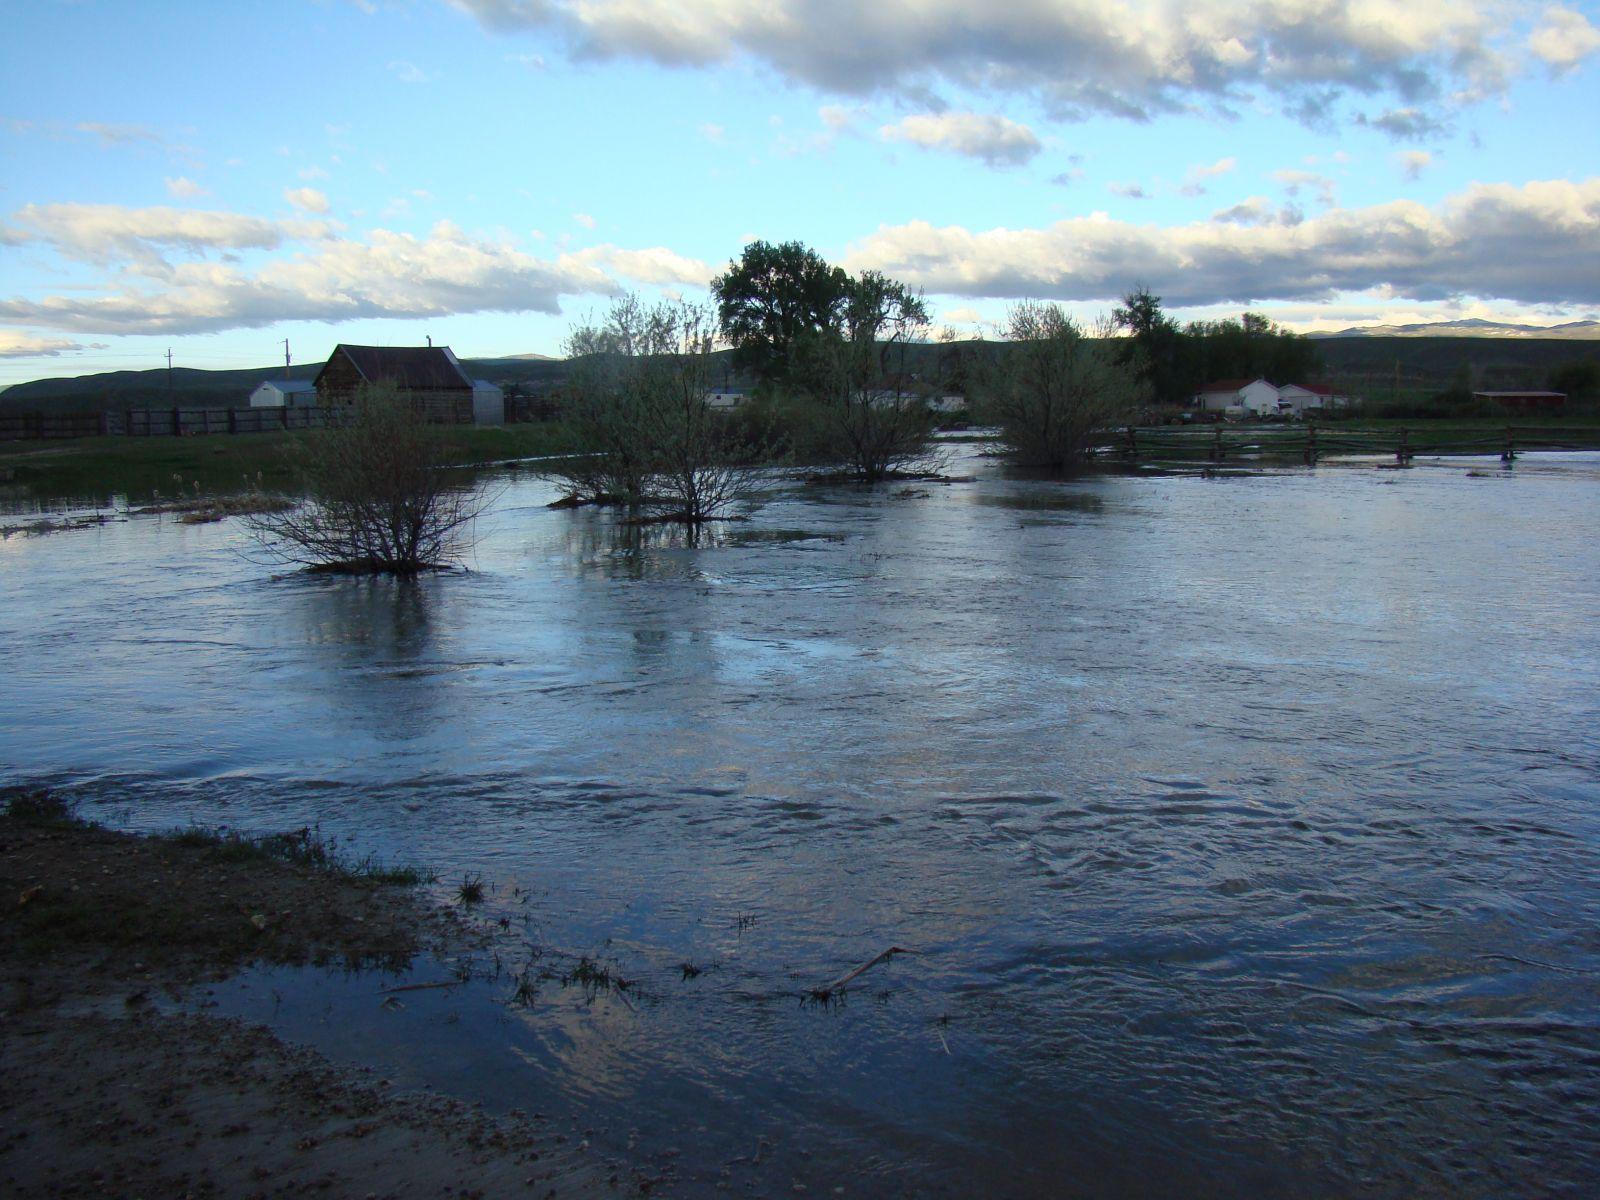 June 2010 Wind River Basin Flooding